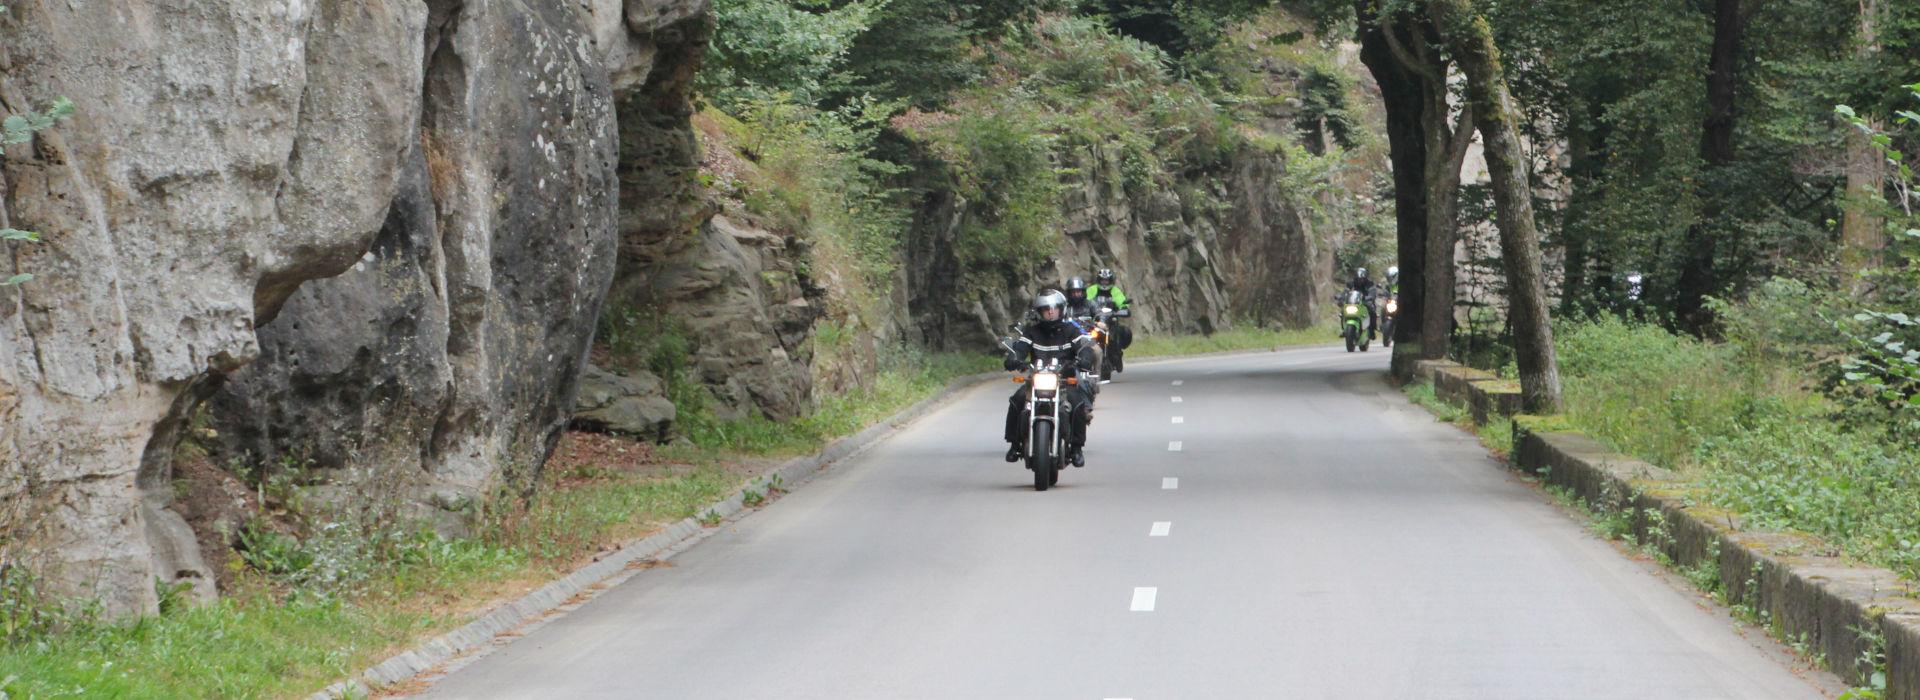 Motorrijbewijspoint Elsloo snel motorrijbewijs halen